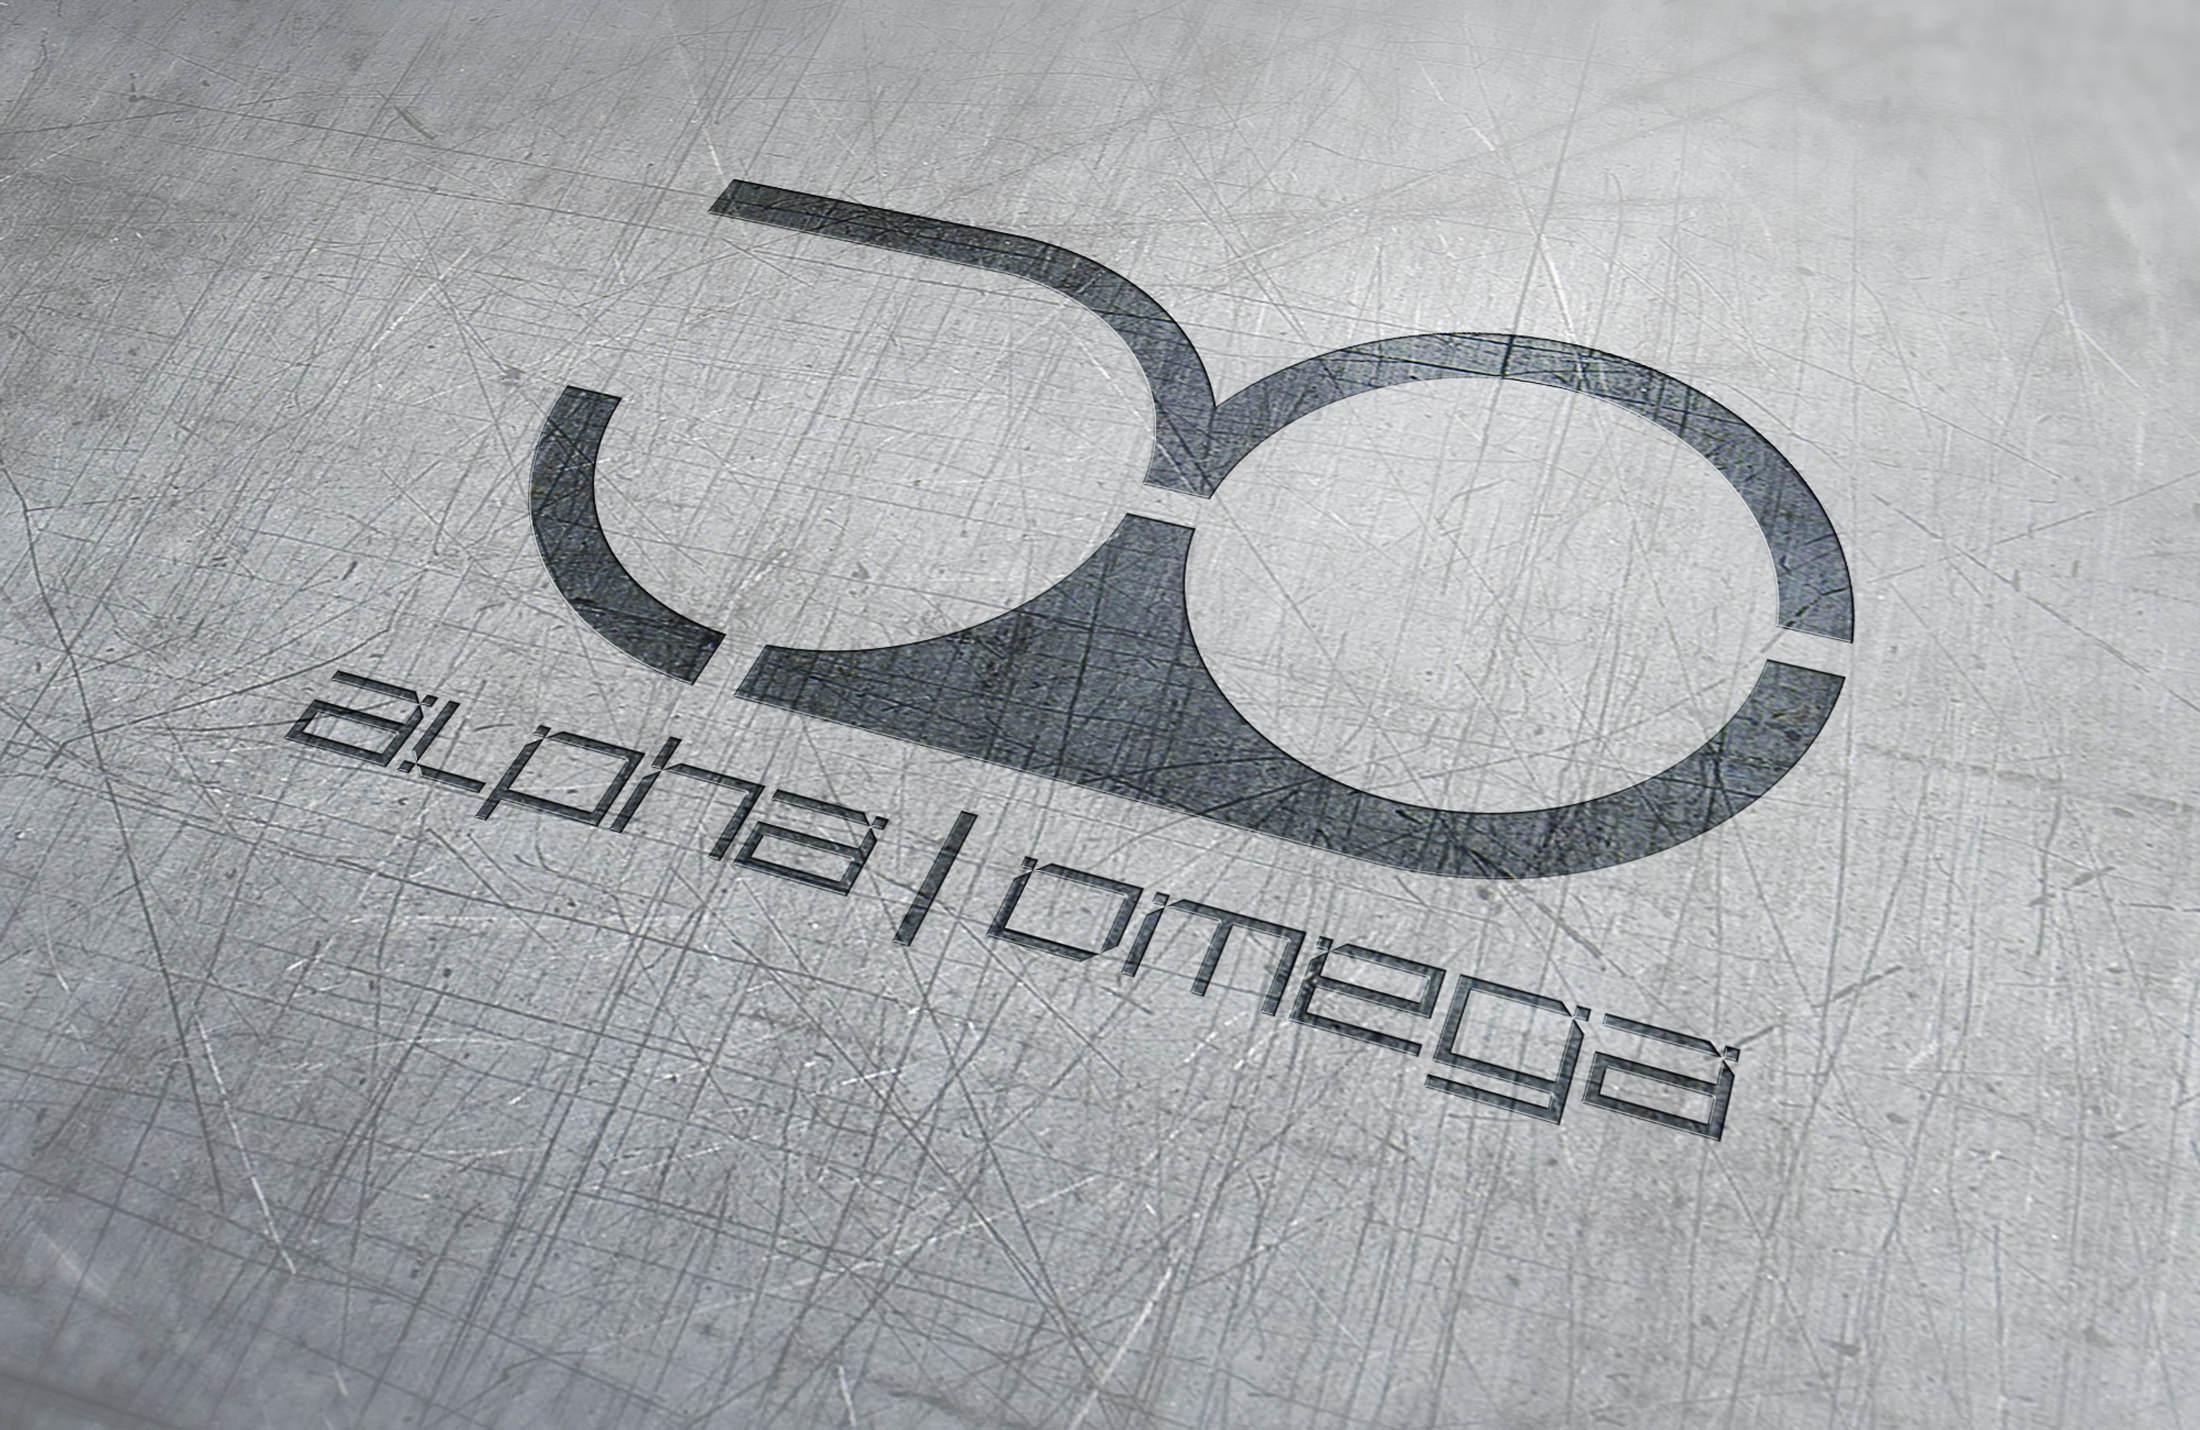 Alpha / Omega Branding